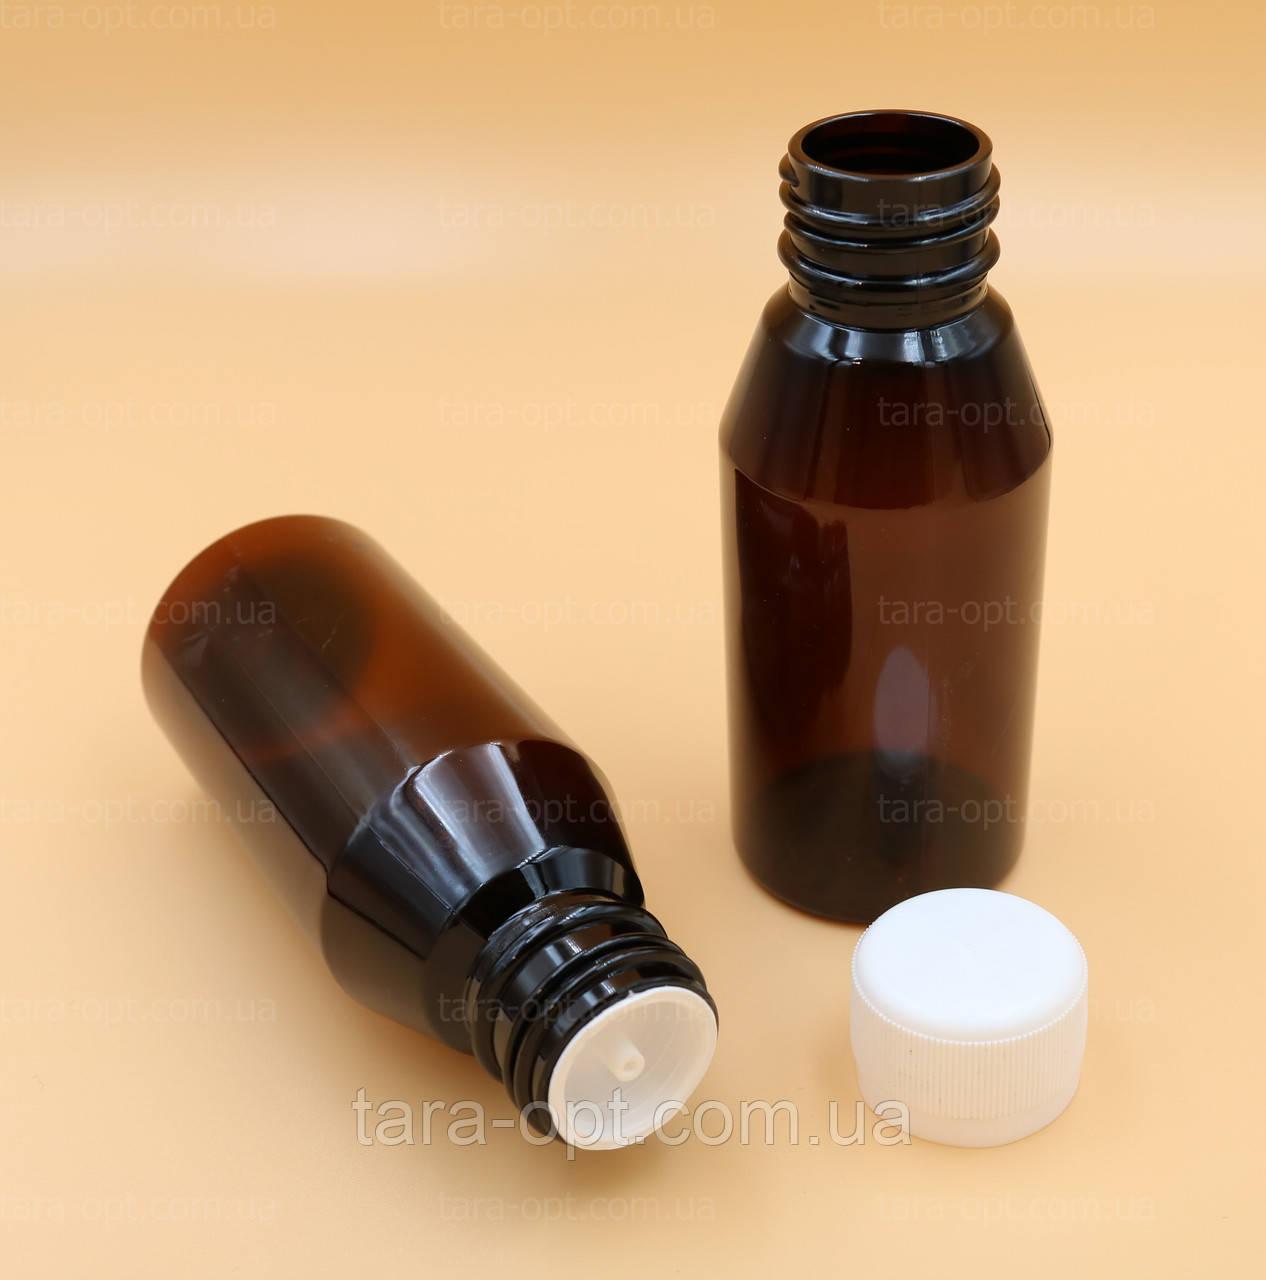 Бутылочка круглая пэт 100 мл-115 мл с капельницей